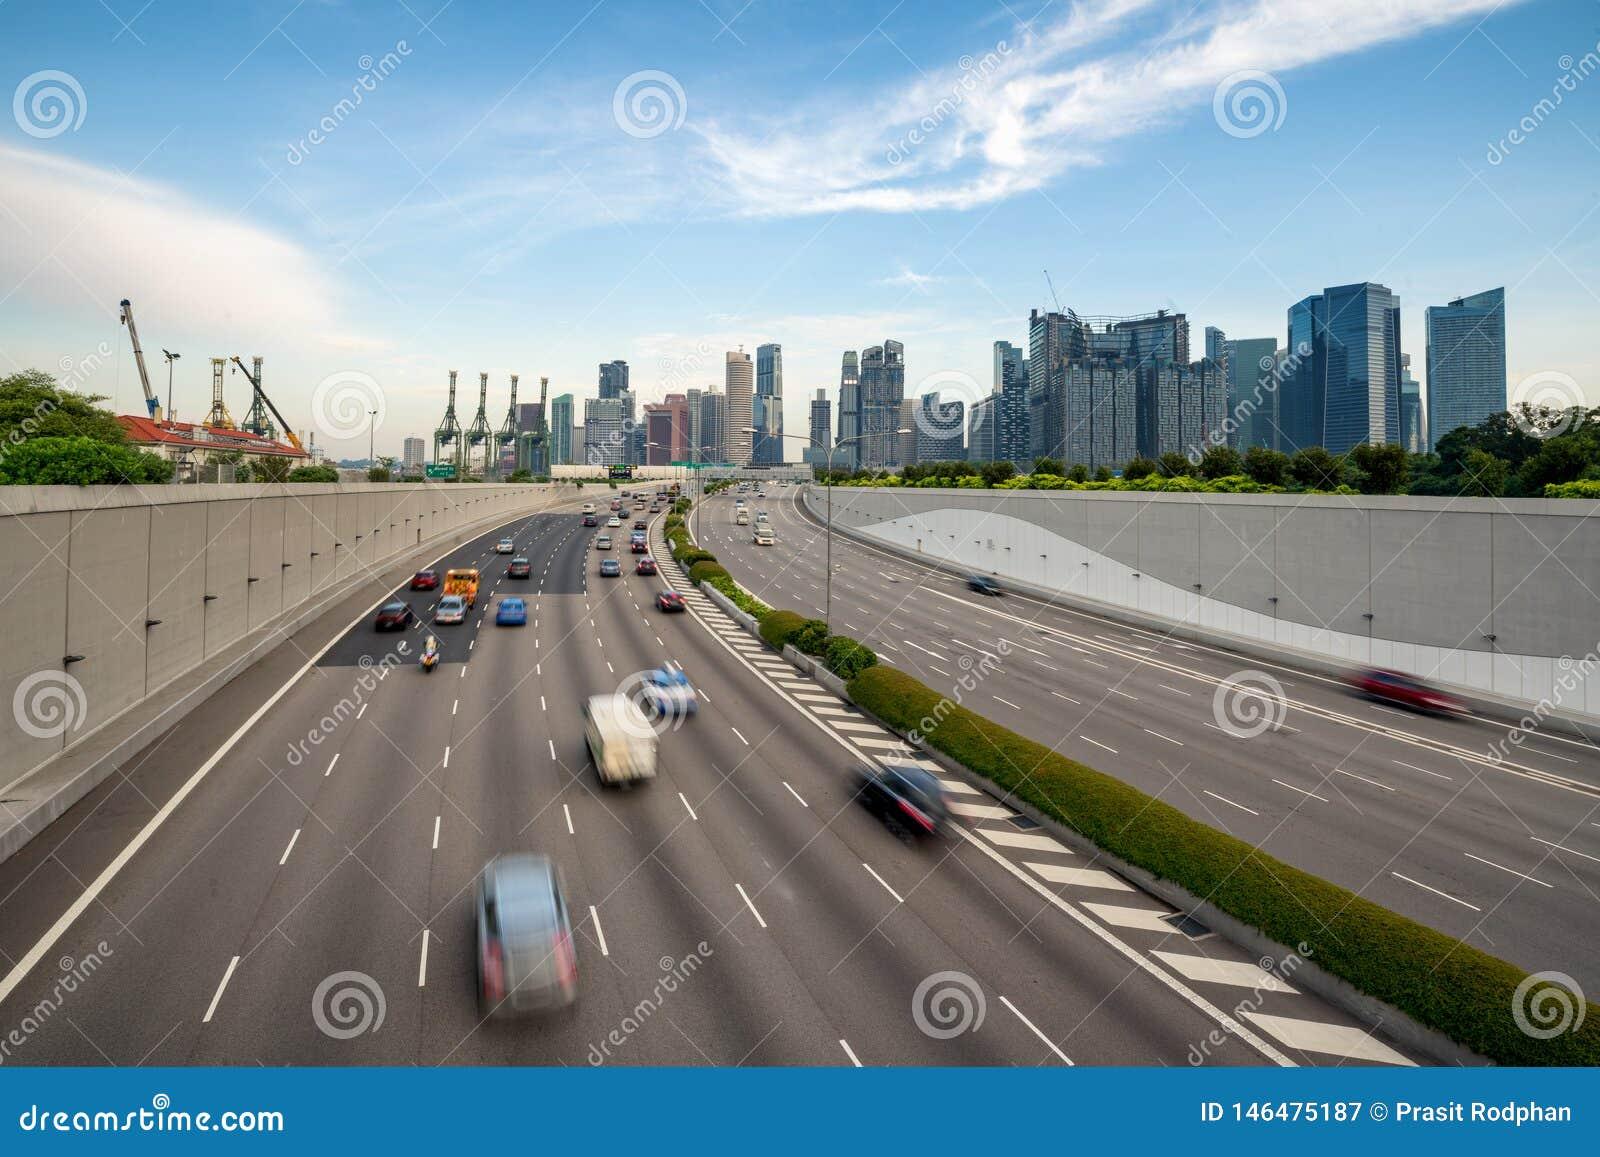 Singapore stad, marinafjärdfinans och handelzon med trafik i stad i morgon på Singapore askfat